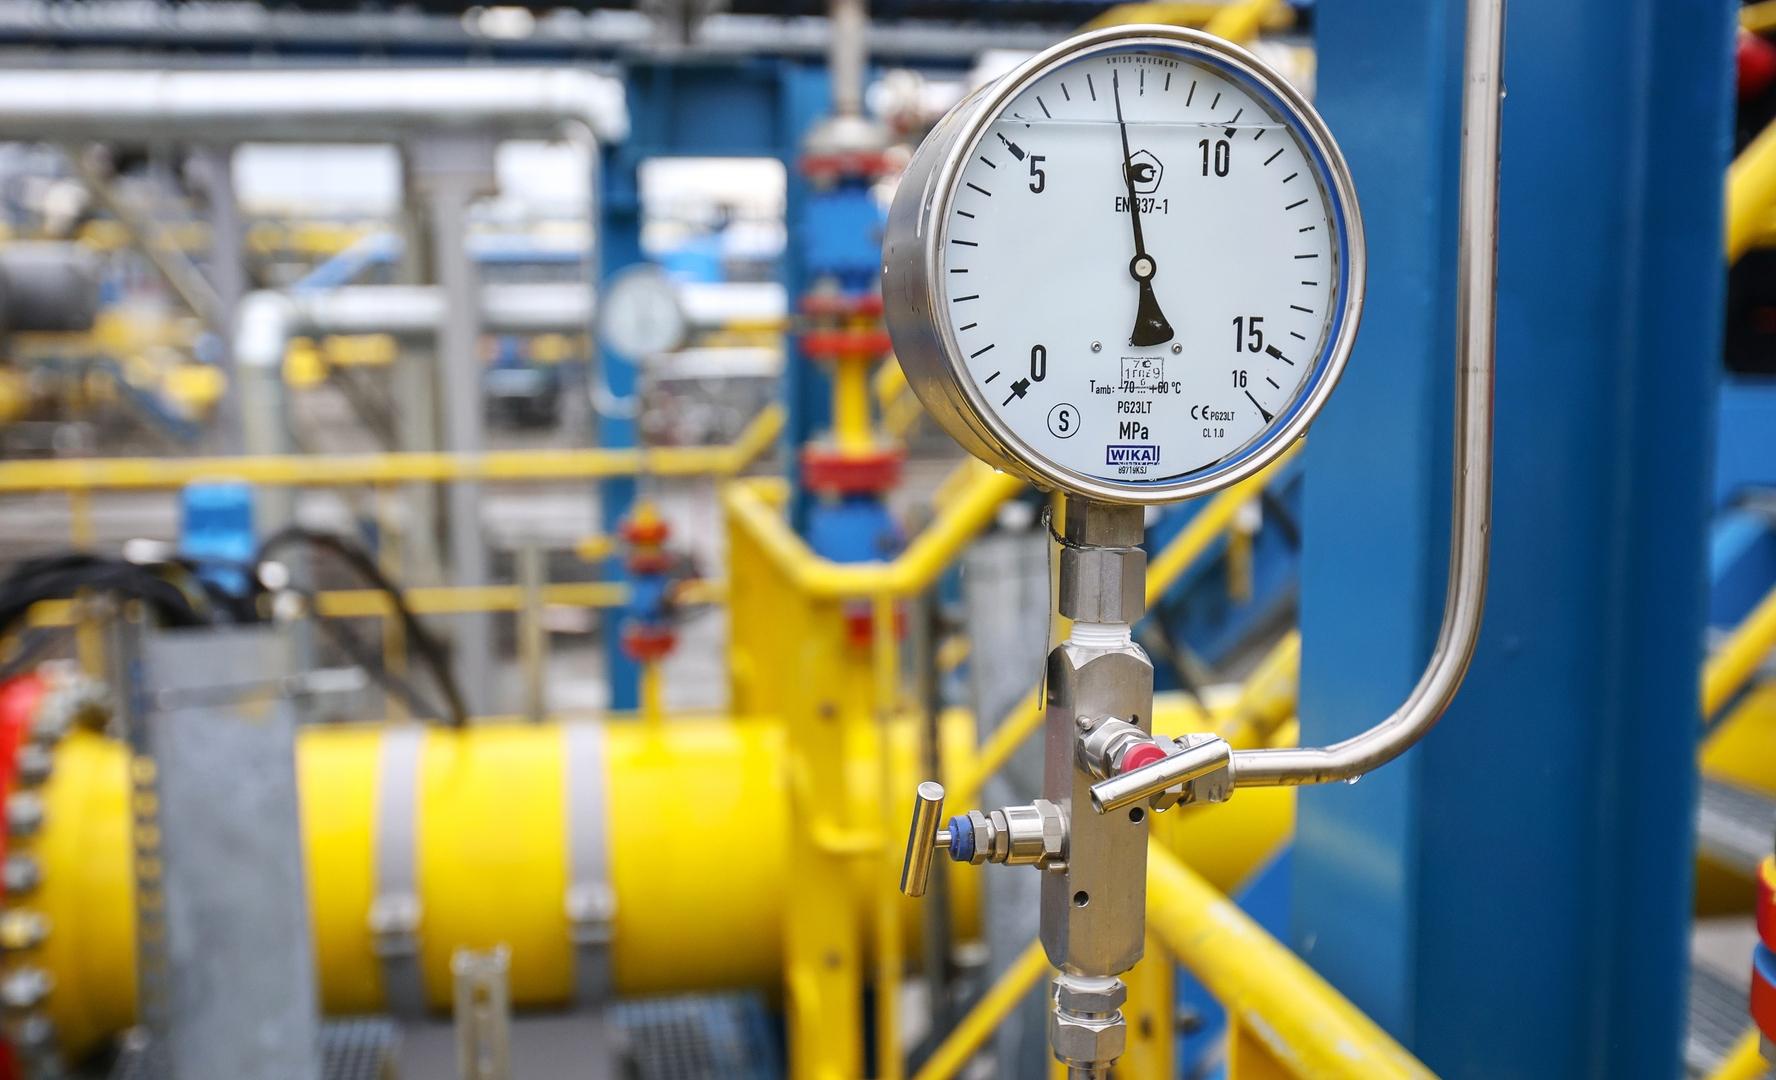 أسعار الغاز في أوروبا تواصل الارتفاع وتبلغ مستويات تاريخية